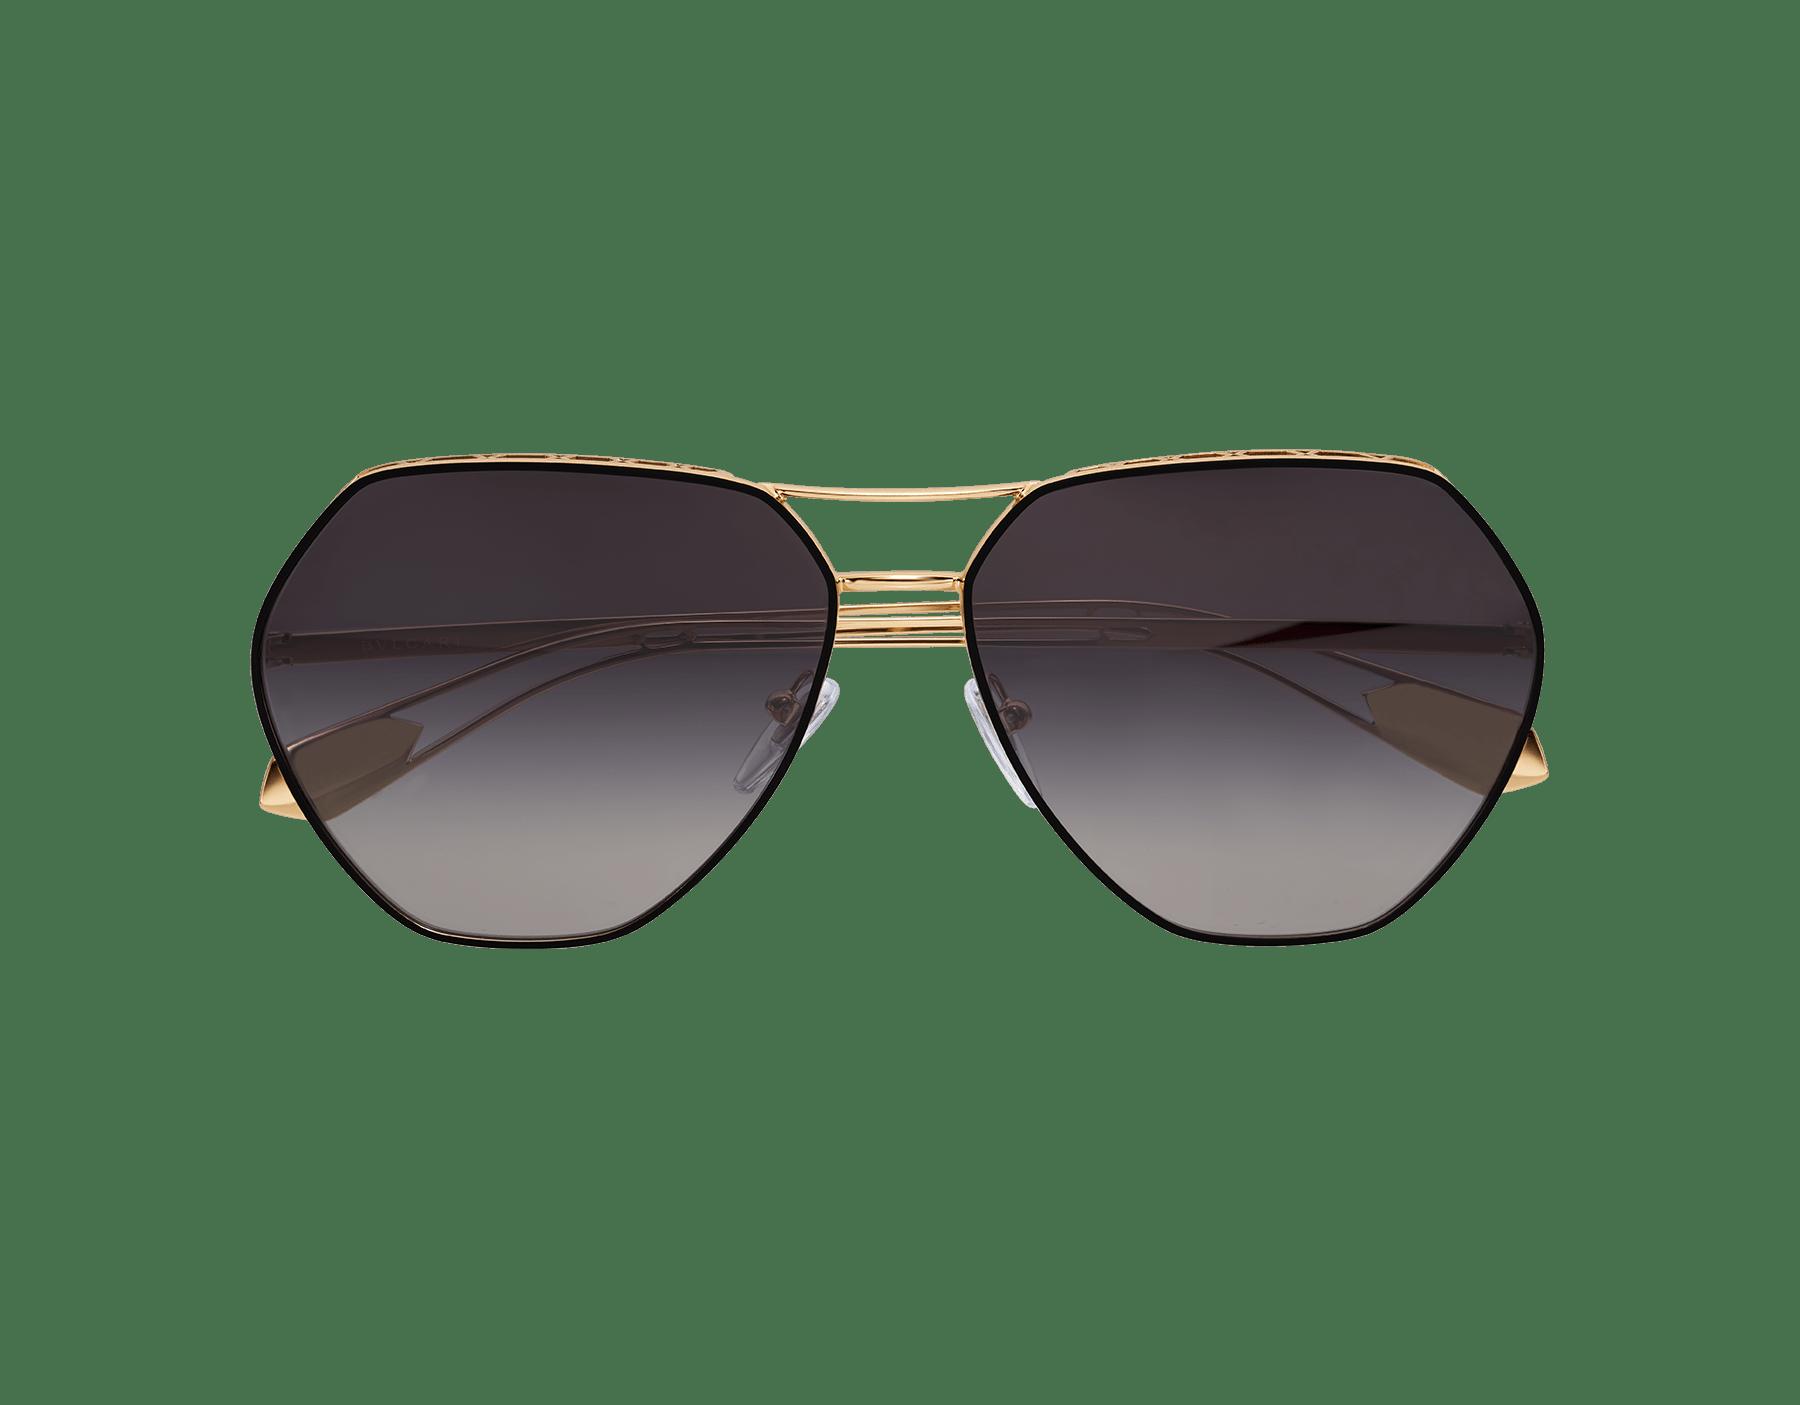 Óculos de sol Serpenti Freedomation em formato aviador extragrande com lentes angulares planas. 903405 image 2